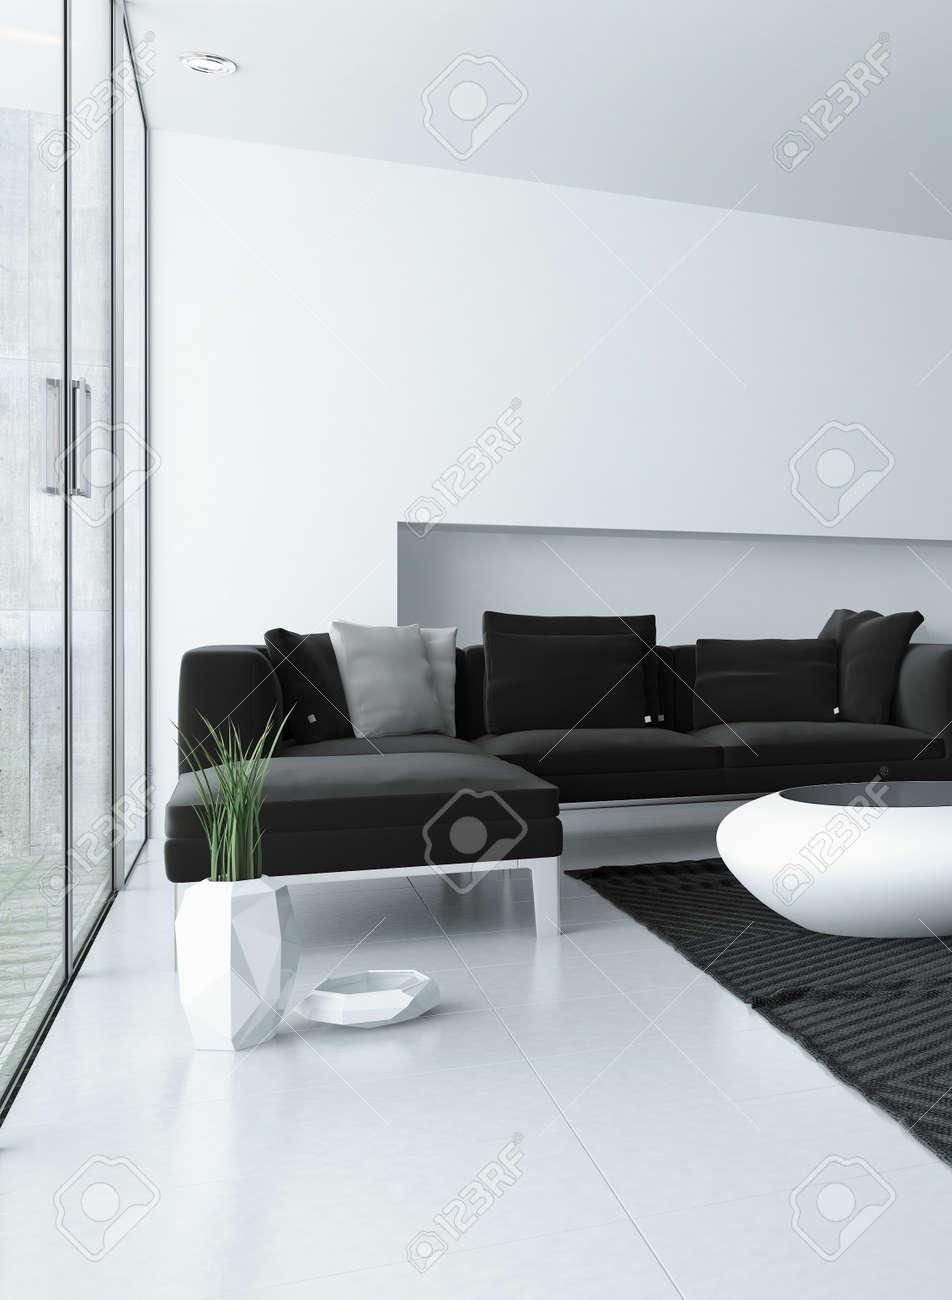 Modernt vardagsrum med grå och vit inredning och ett hörn klädd ...